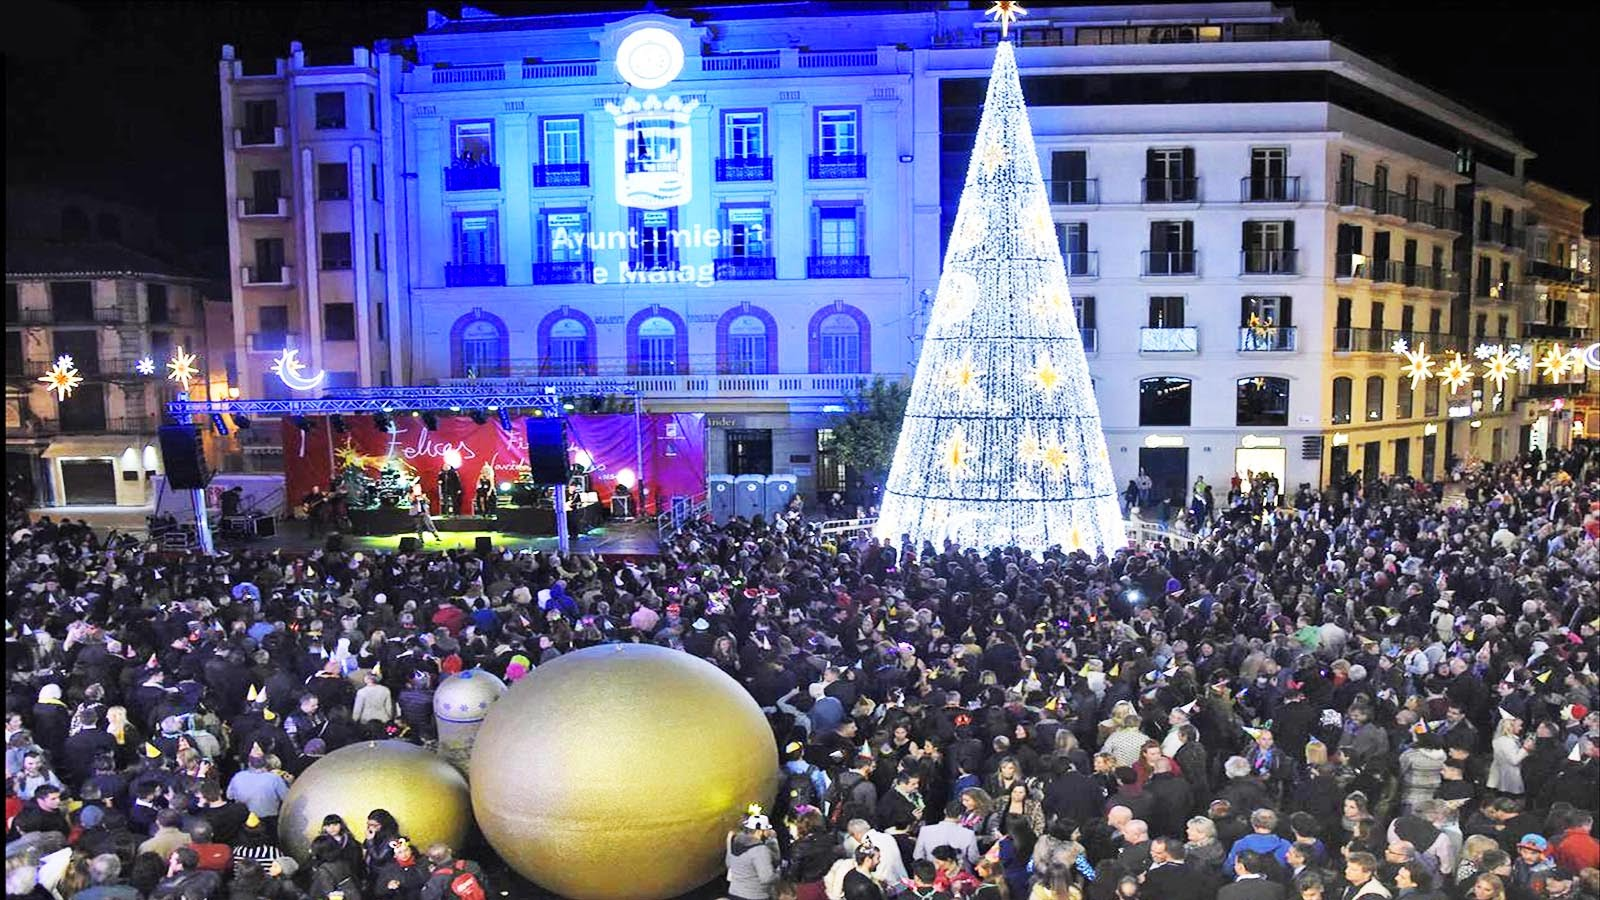 Campanadas, espectáculos, uvas, cotillón y orquesta en la Nochevieja 2019 en la Plaza de la Constitución de Málaga